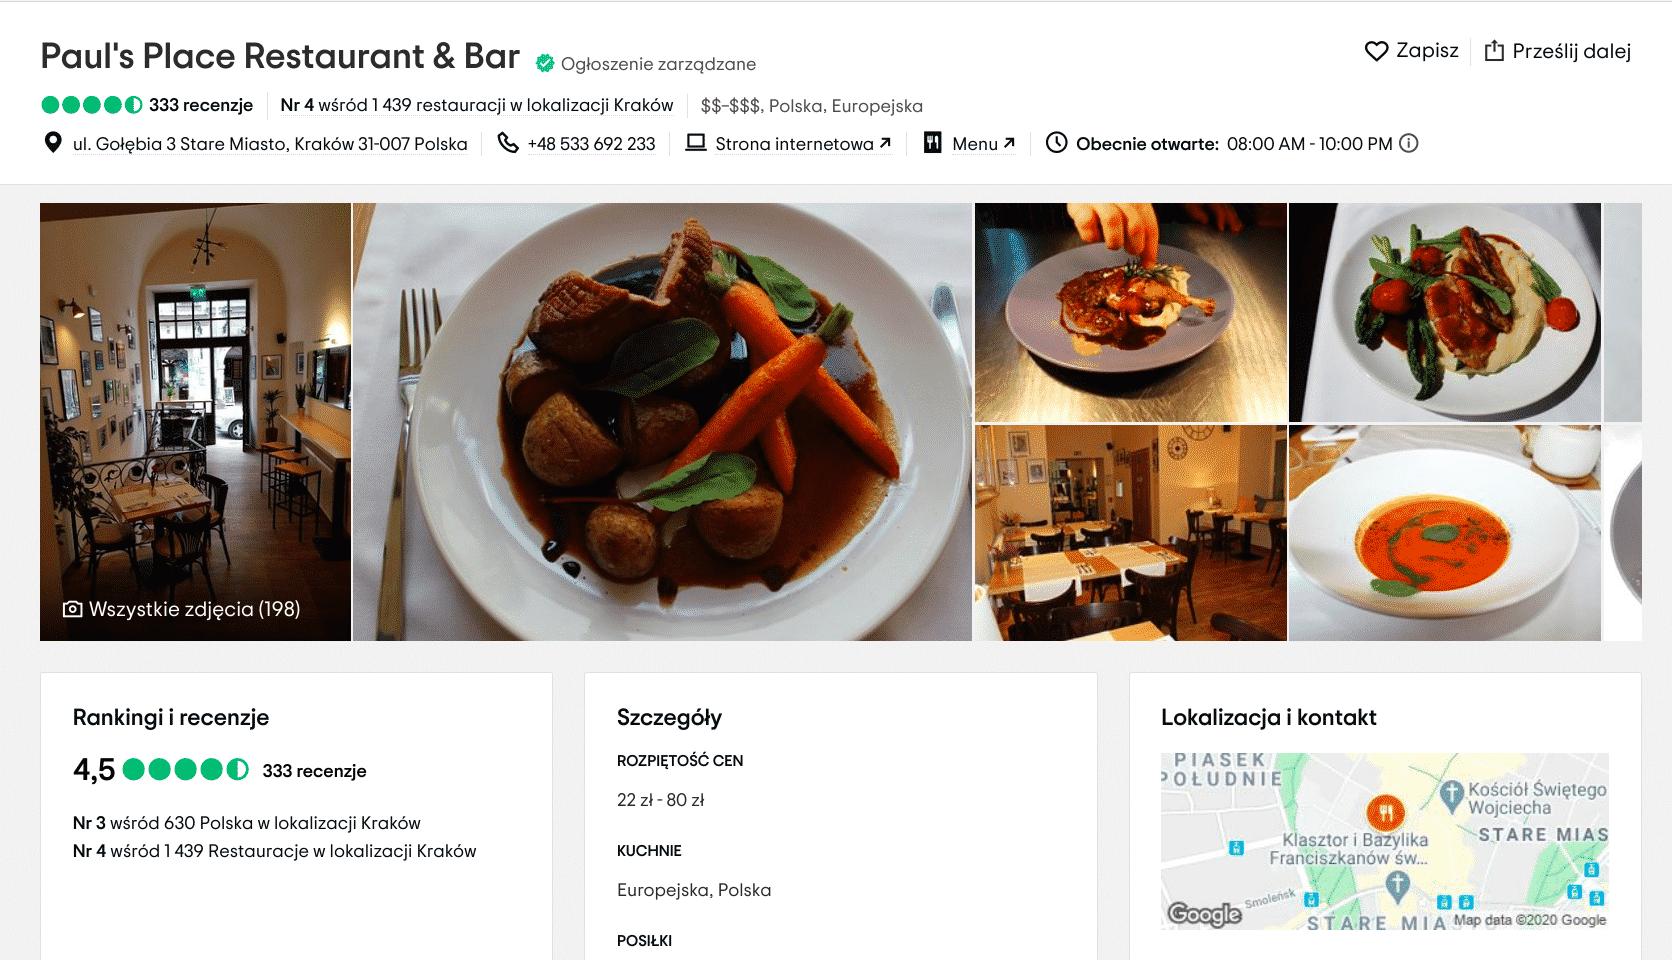 Lokal Paul's Place Restaurant & Bar, który mieści się przy ulicy Gołębiej, cieszy się w serwisie Trip Advisor oceną 4,5.